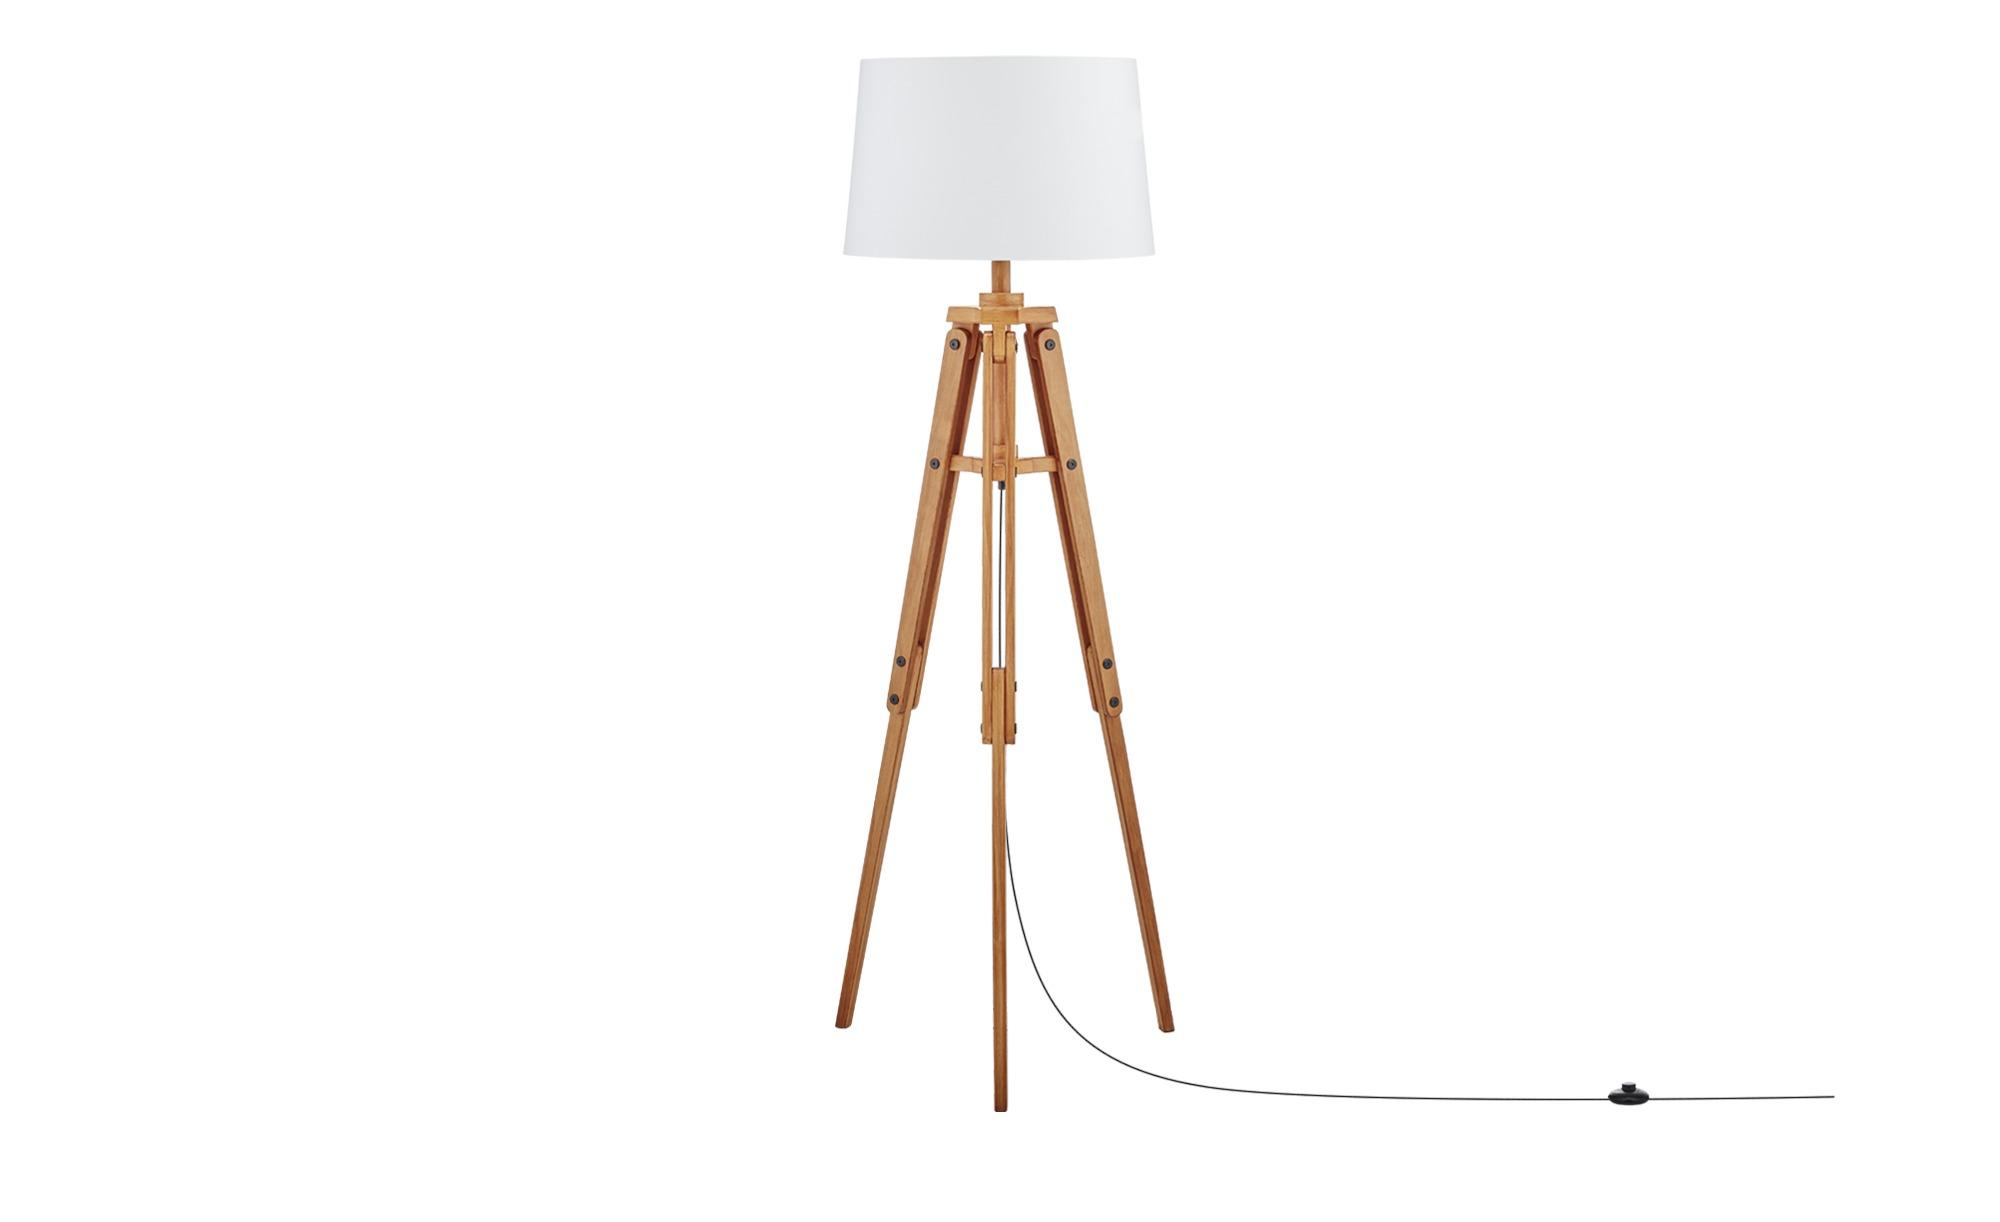 Lampen Licht Trend Timber Stehleuchte Mit Holzfuss H126cm Braun